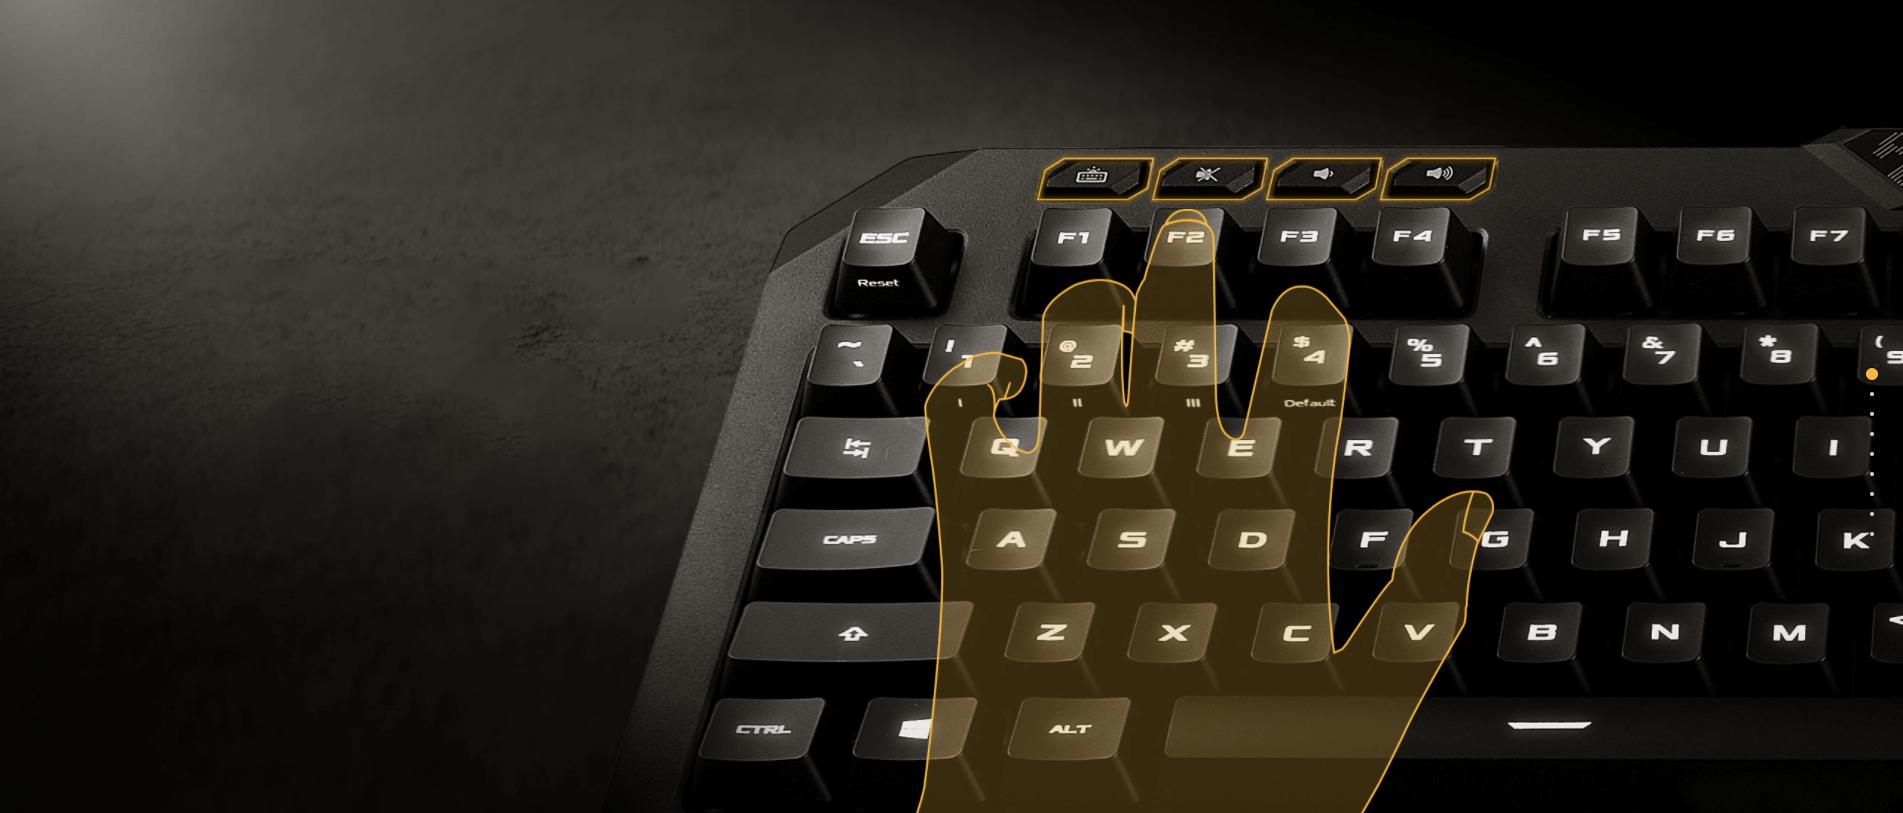 Bàn phím chơi game Asus TUF K5 (USB/RGB/Đen) tích hợp phím đa phương tiện vô cùng tiện lợi